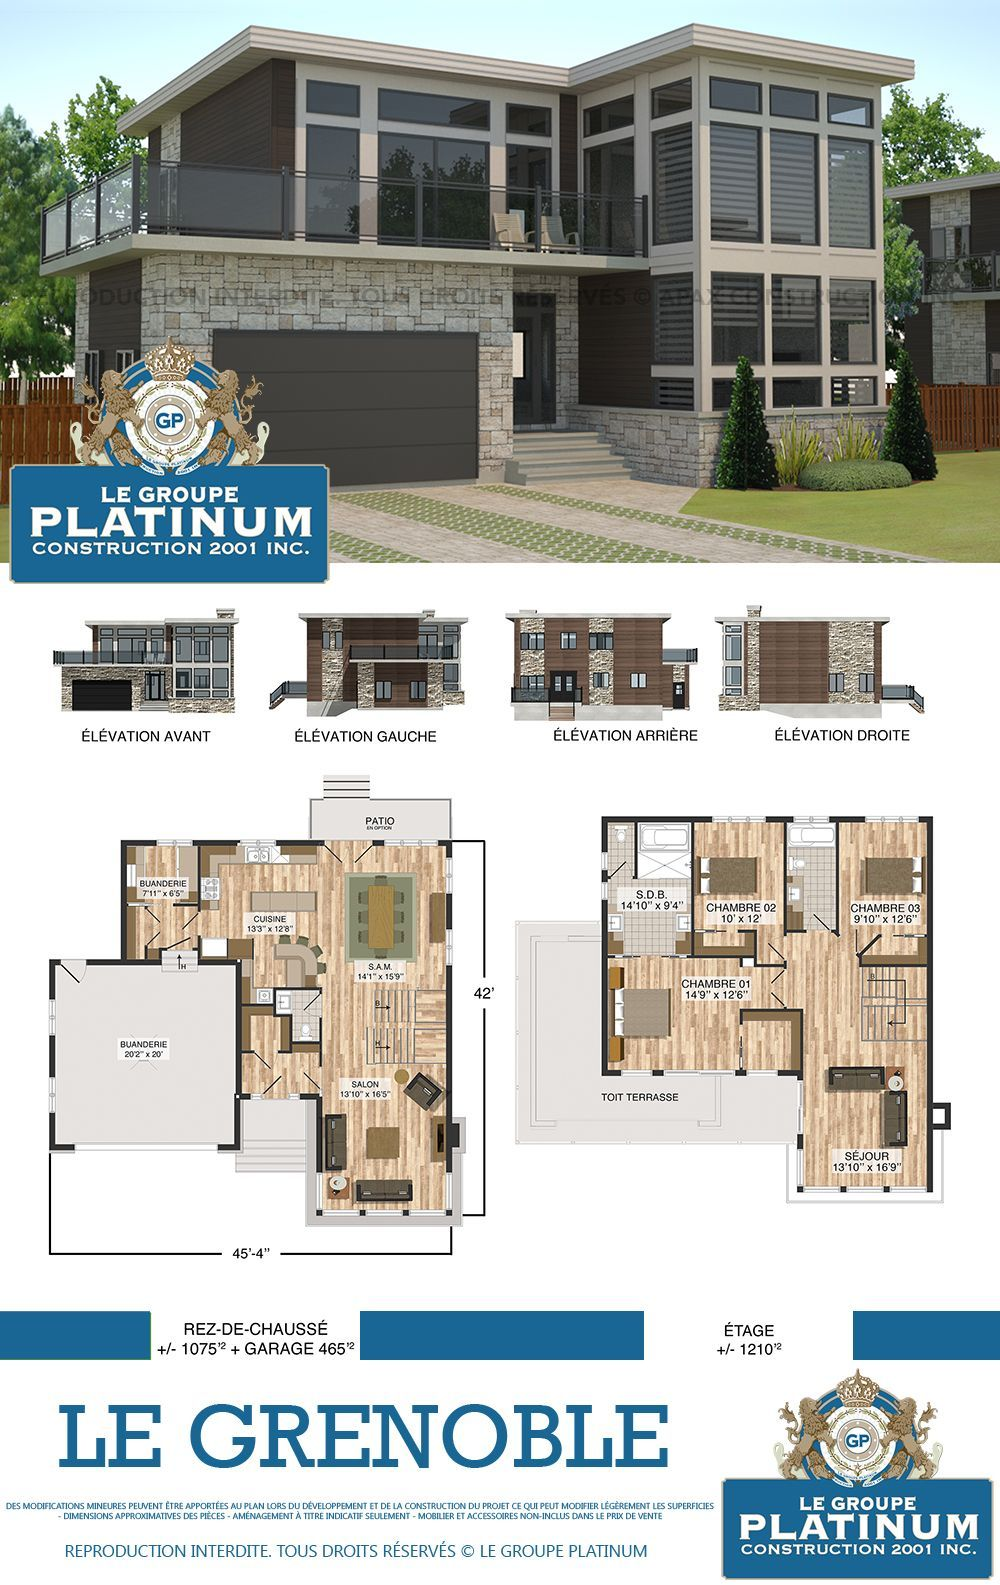 Modèle De Maison Neuve Le Grenoble Le Groupe Platinum Construction De Maisons Et Condos Neufs House Plans Mansion Dream House Plans Sims House Plans